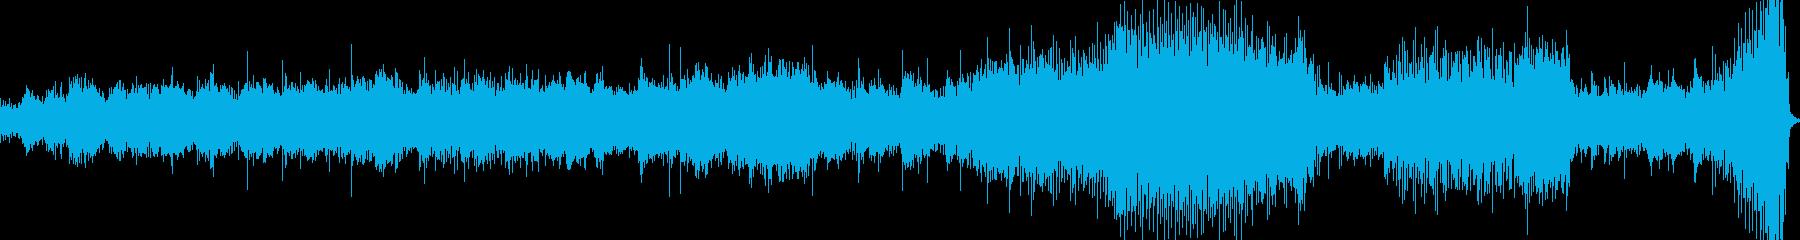 夜に似合う曲の再生済みの波形